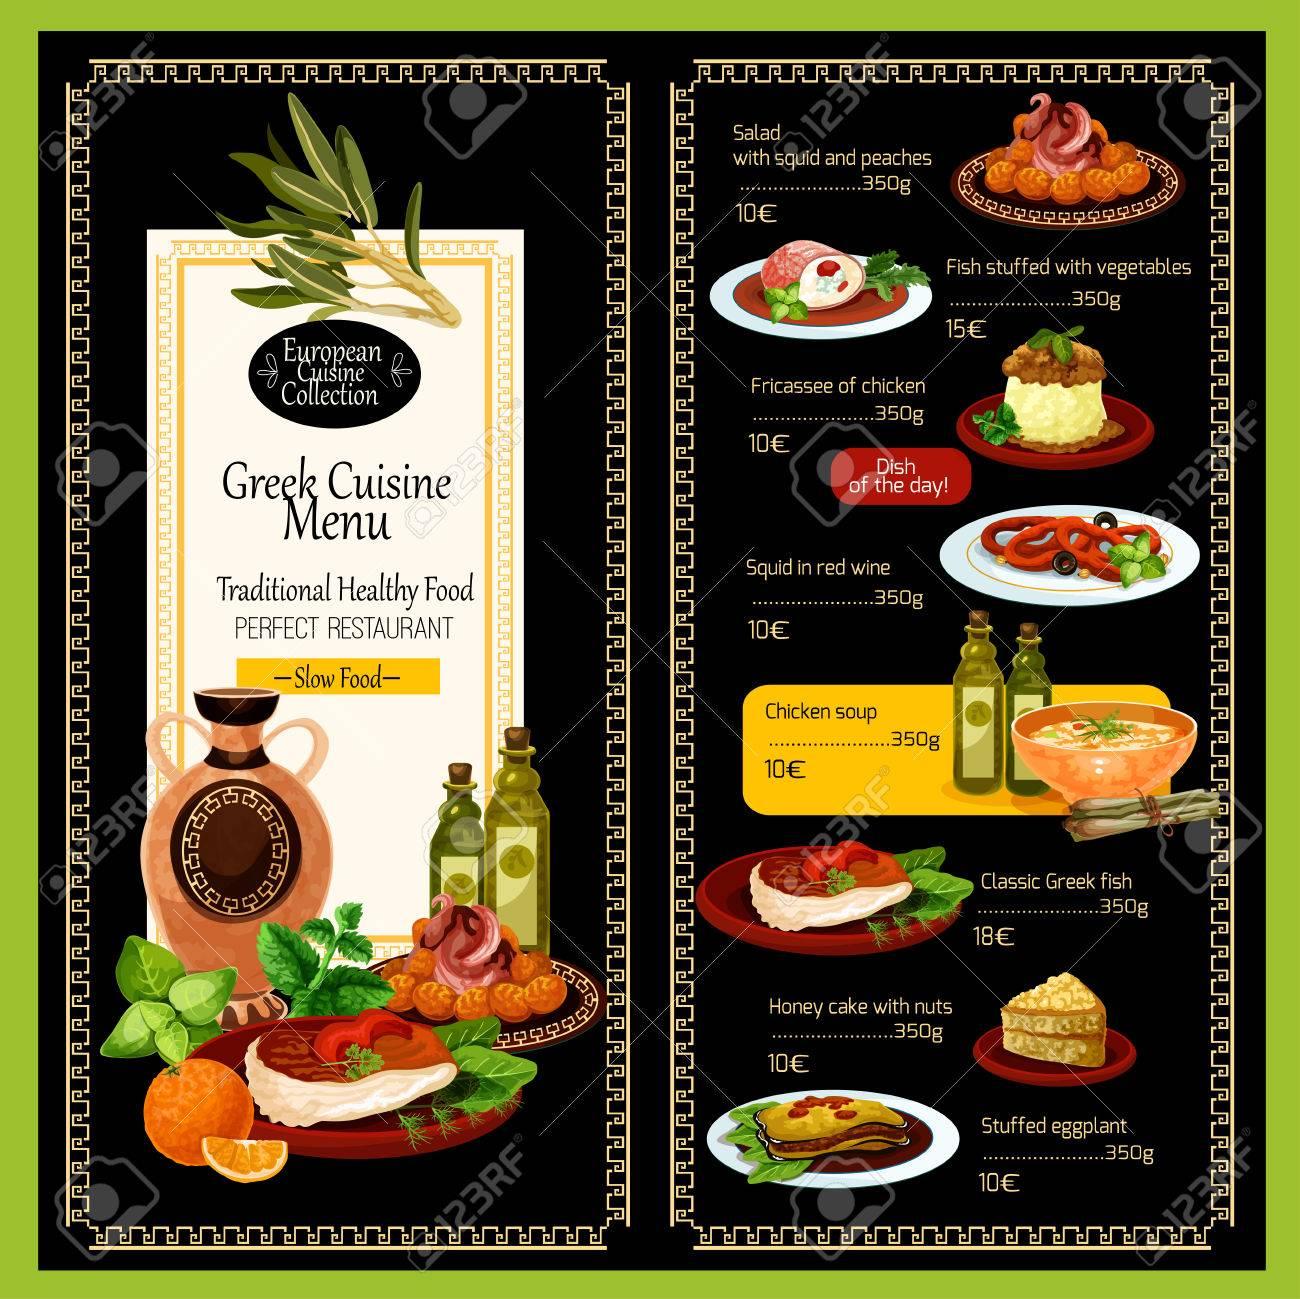 Beste Huhn Küche Menü Bilder - Küche Set Ideen - deriherusweets.info